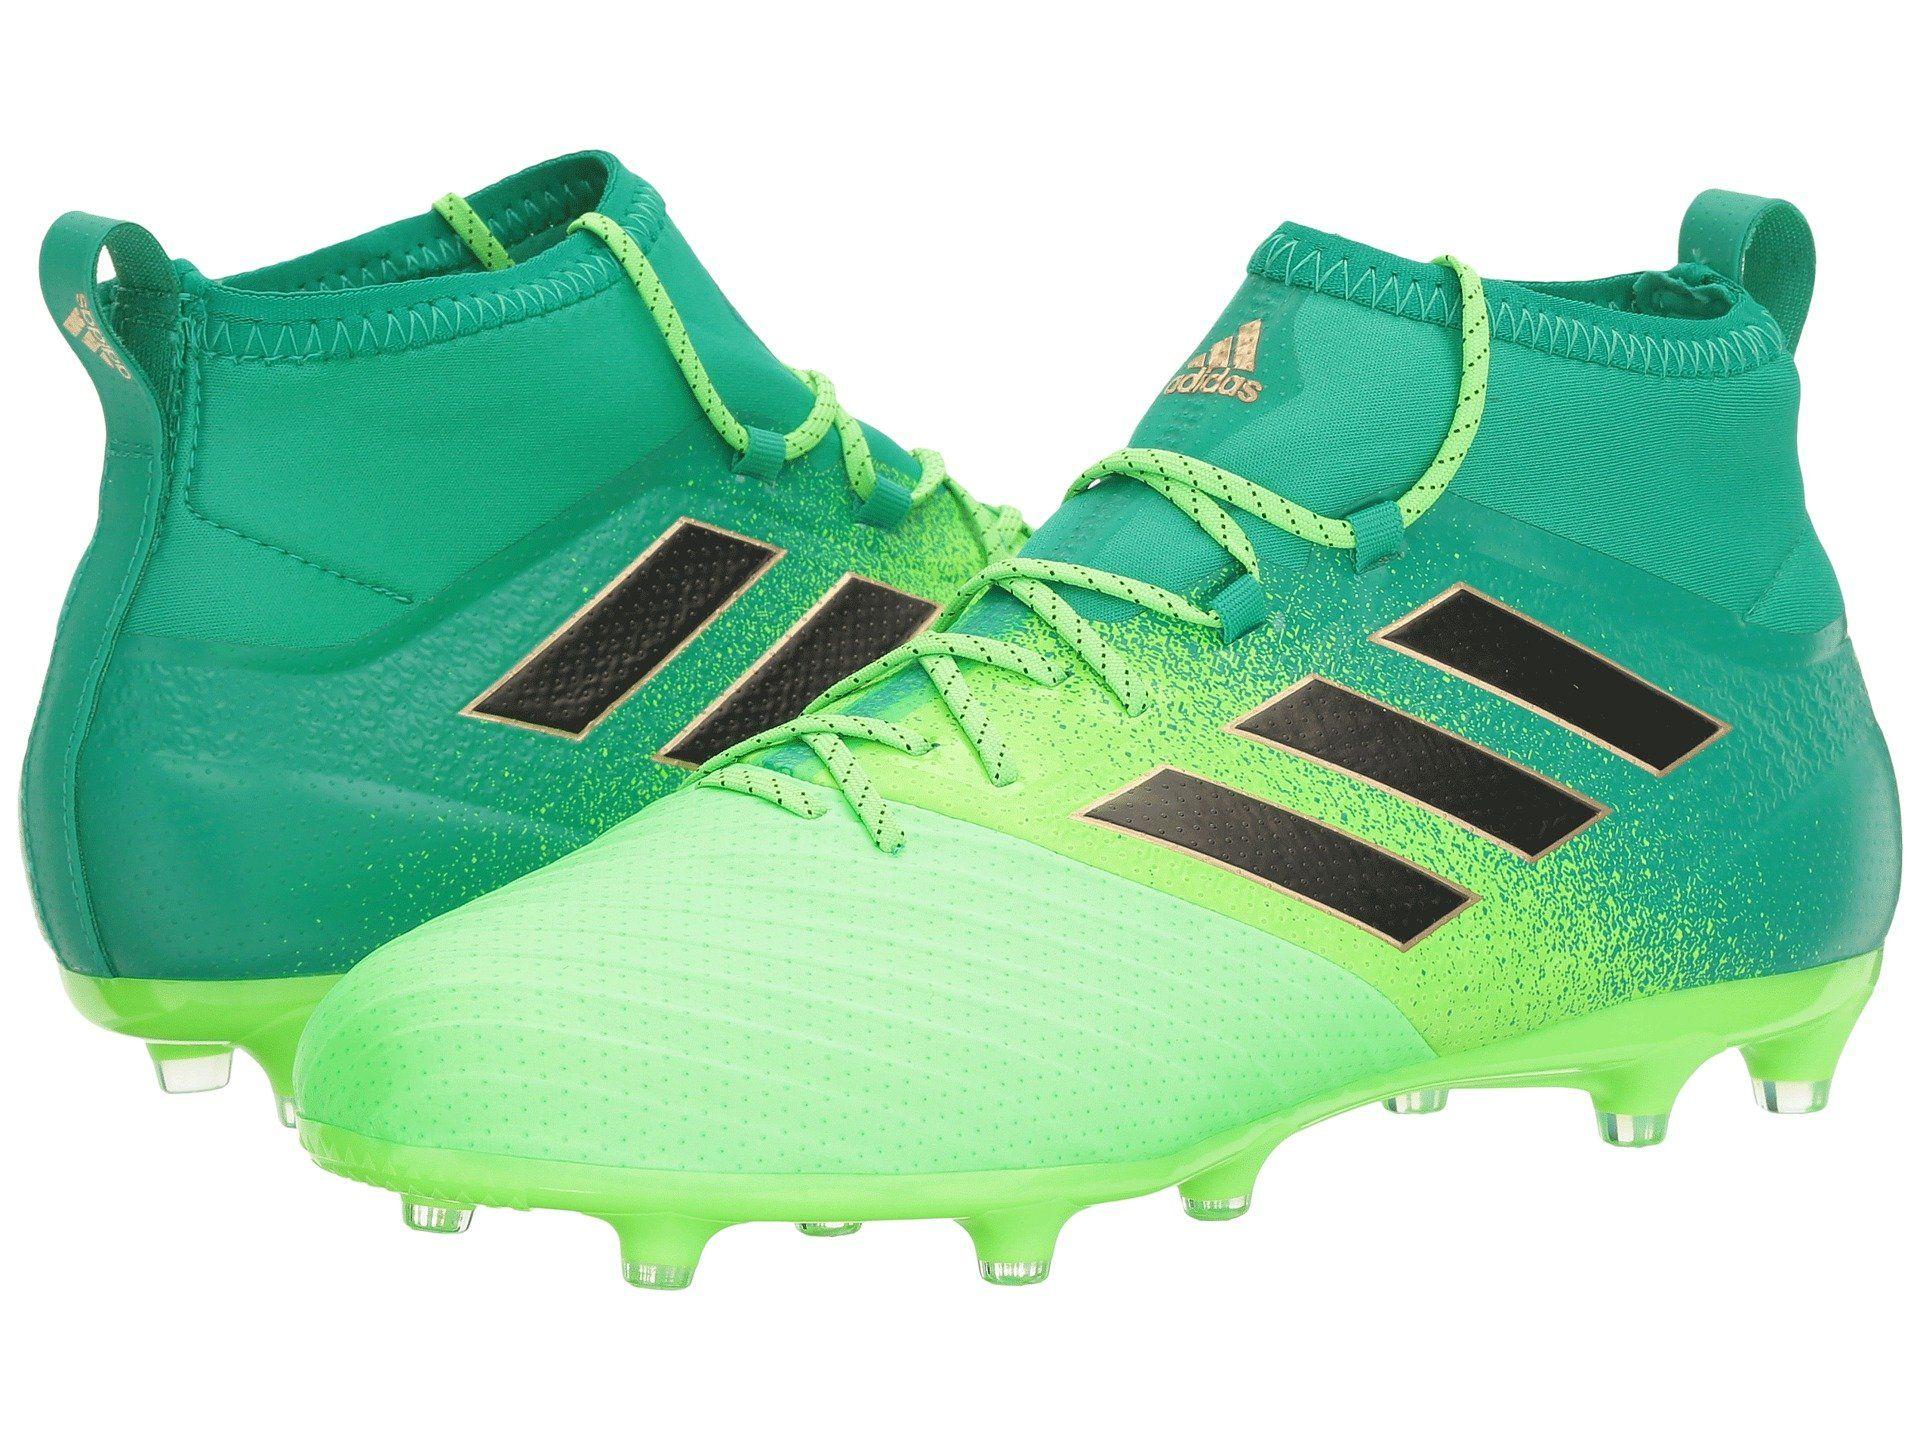 ADIDAS ORIGINALS Ace 17.2 Primemesh FG.  adidasoriginals  shoes   ec6c5445a6e26